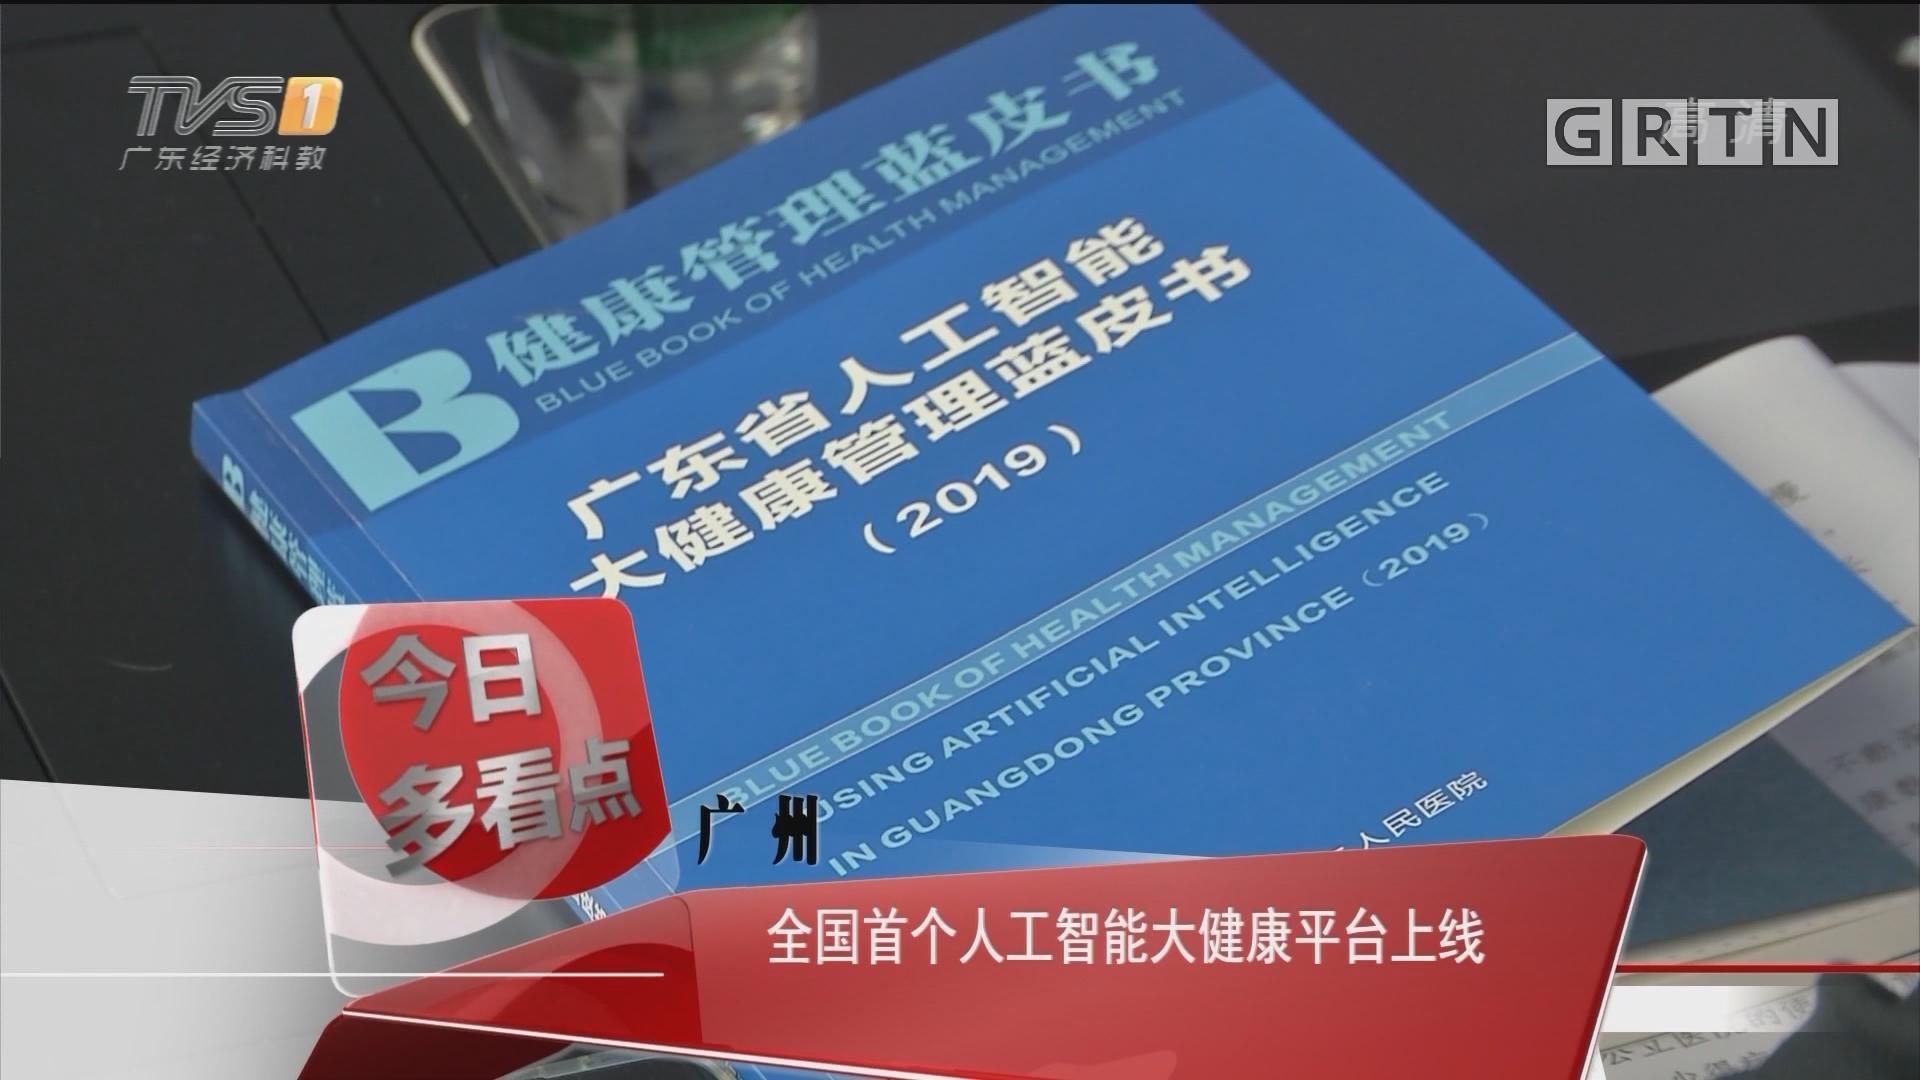 广州:全国首个人工智能大健康平台上线